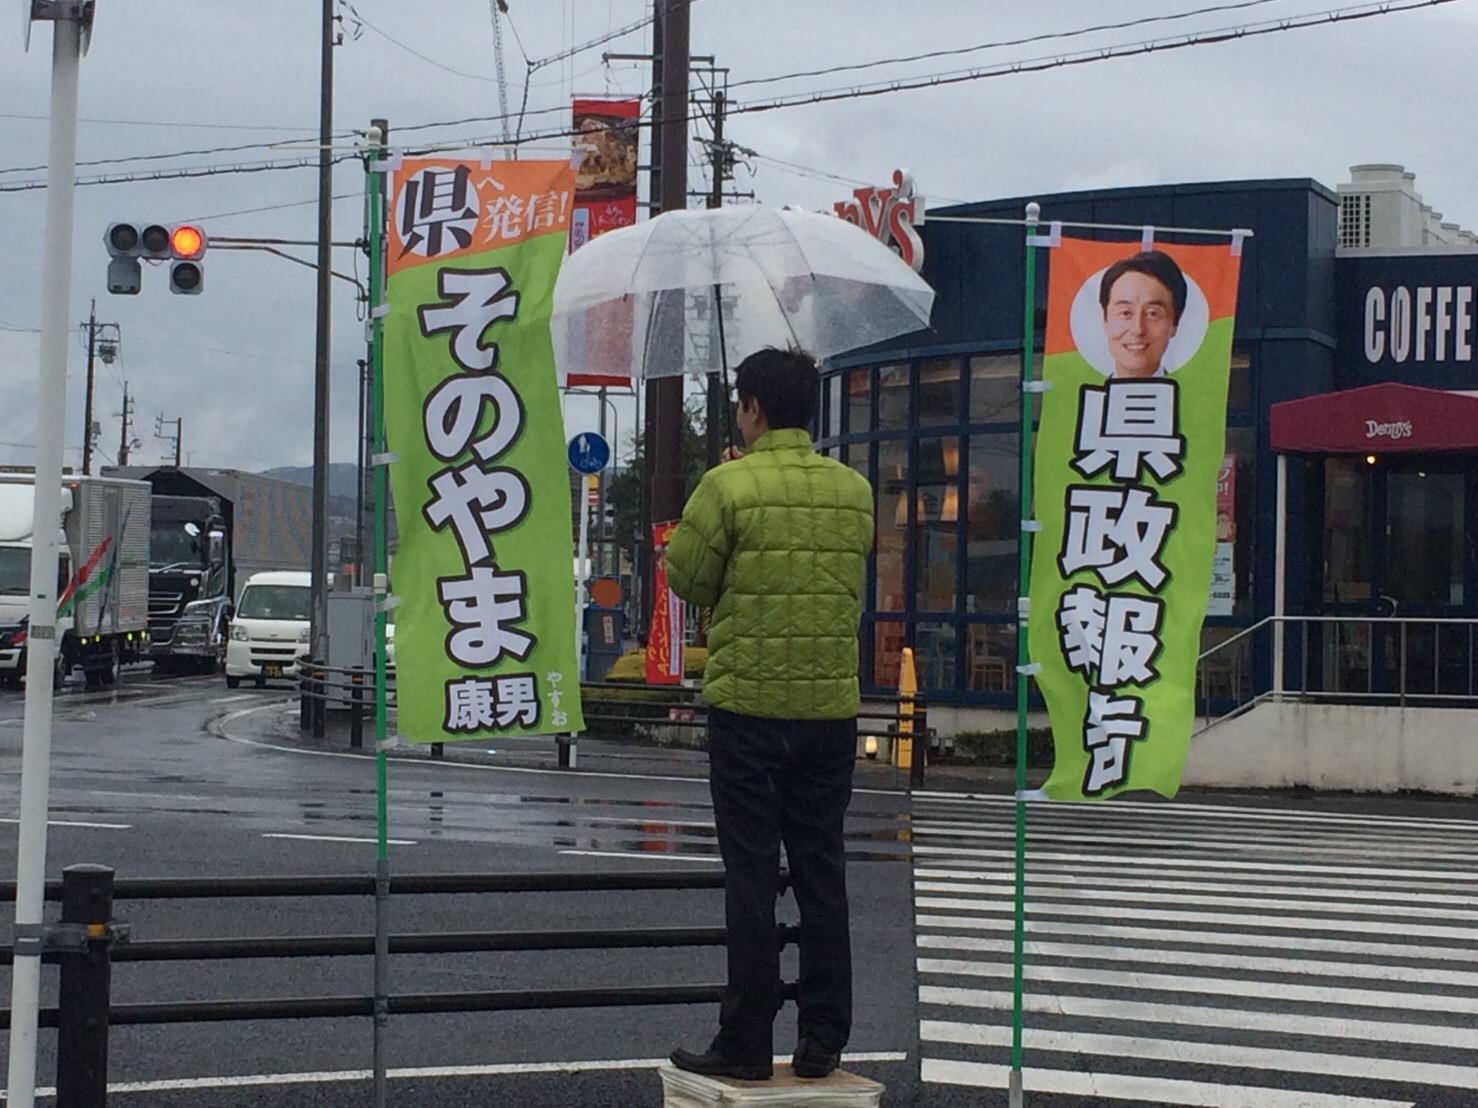 タートです 雨にも負けず 風にも負けずの精神で行いました のぼり旗は倒れるし傘は曲がりそうになるし大変でしたね 最終的には旗を自分で持ちながらの県政報告でした